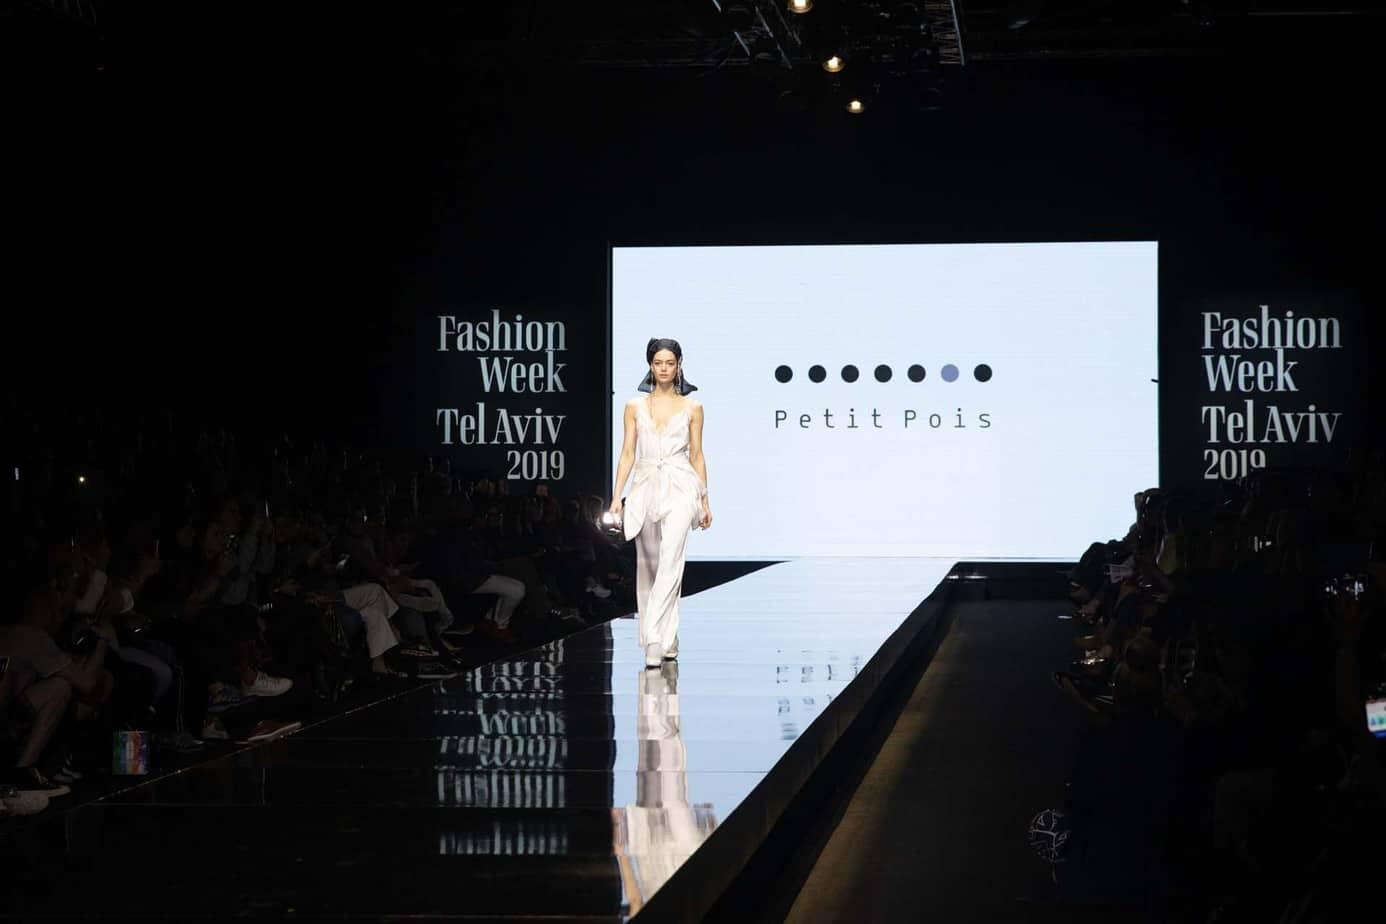 חממת מפעל הפיס. שבוע האופנה תל אביב 2019. צילום עומר קפלן - 8